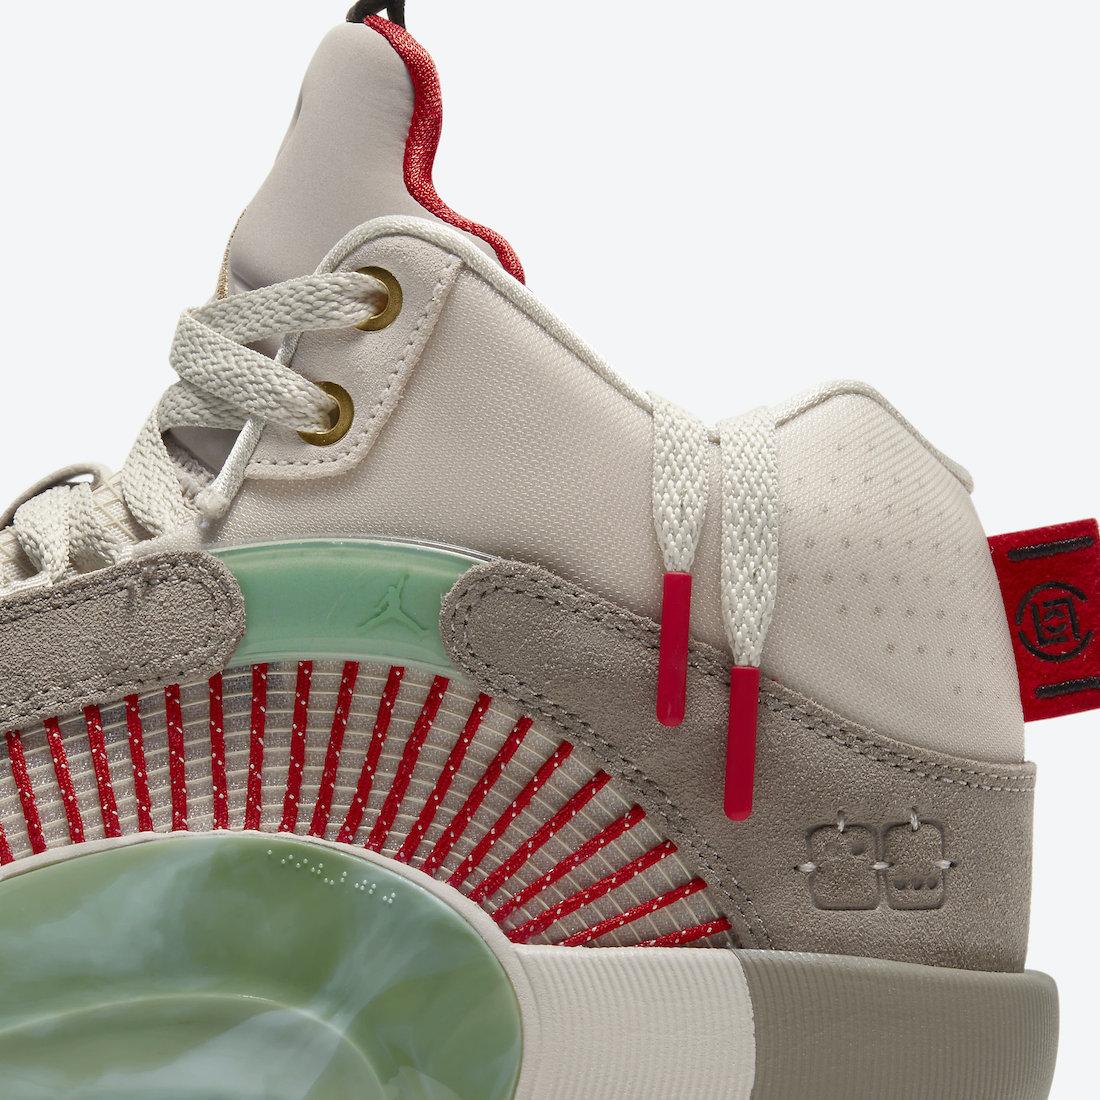 CLOT,AJ35,Air Jordan 35,发售,DD9  CLOT x AJ35 首次曝光!兵马俑中国玉,冠希这波操作你打几分?